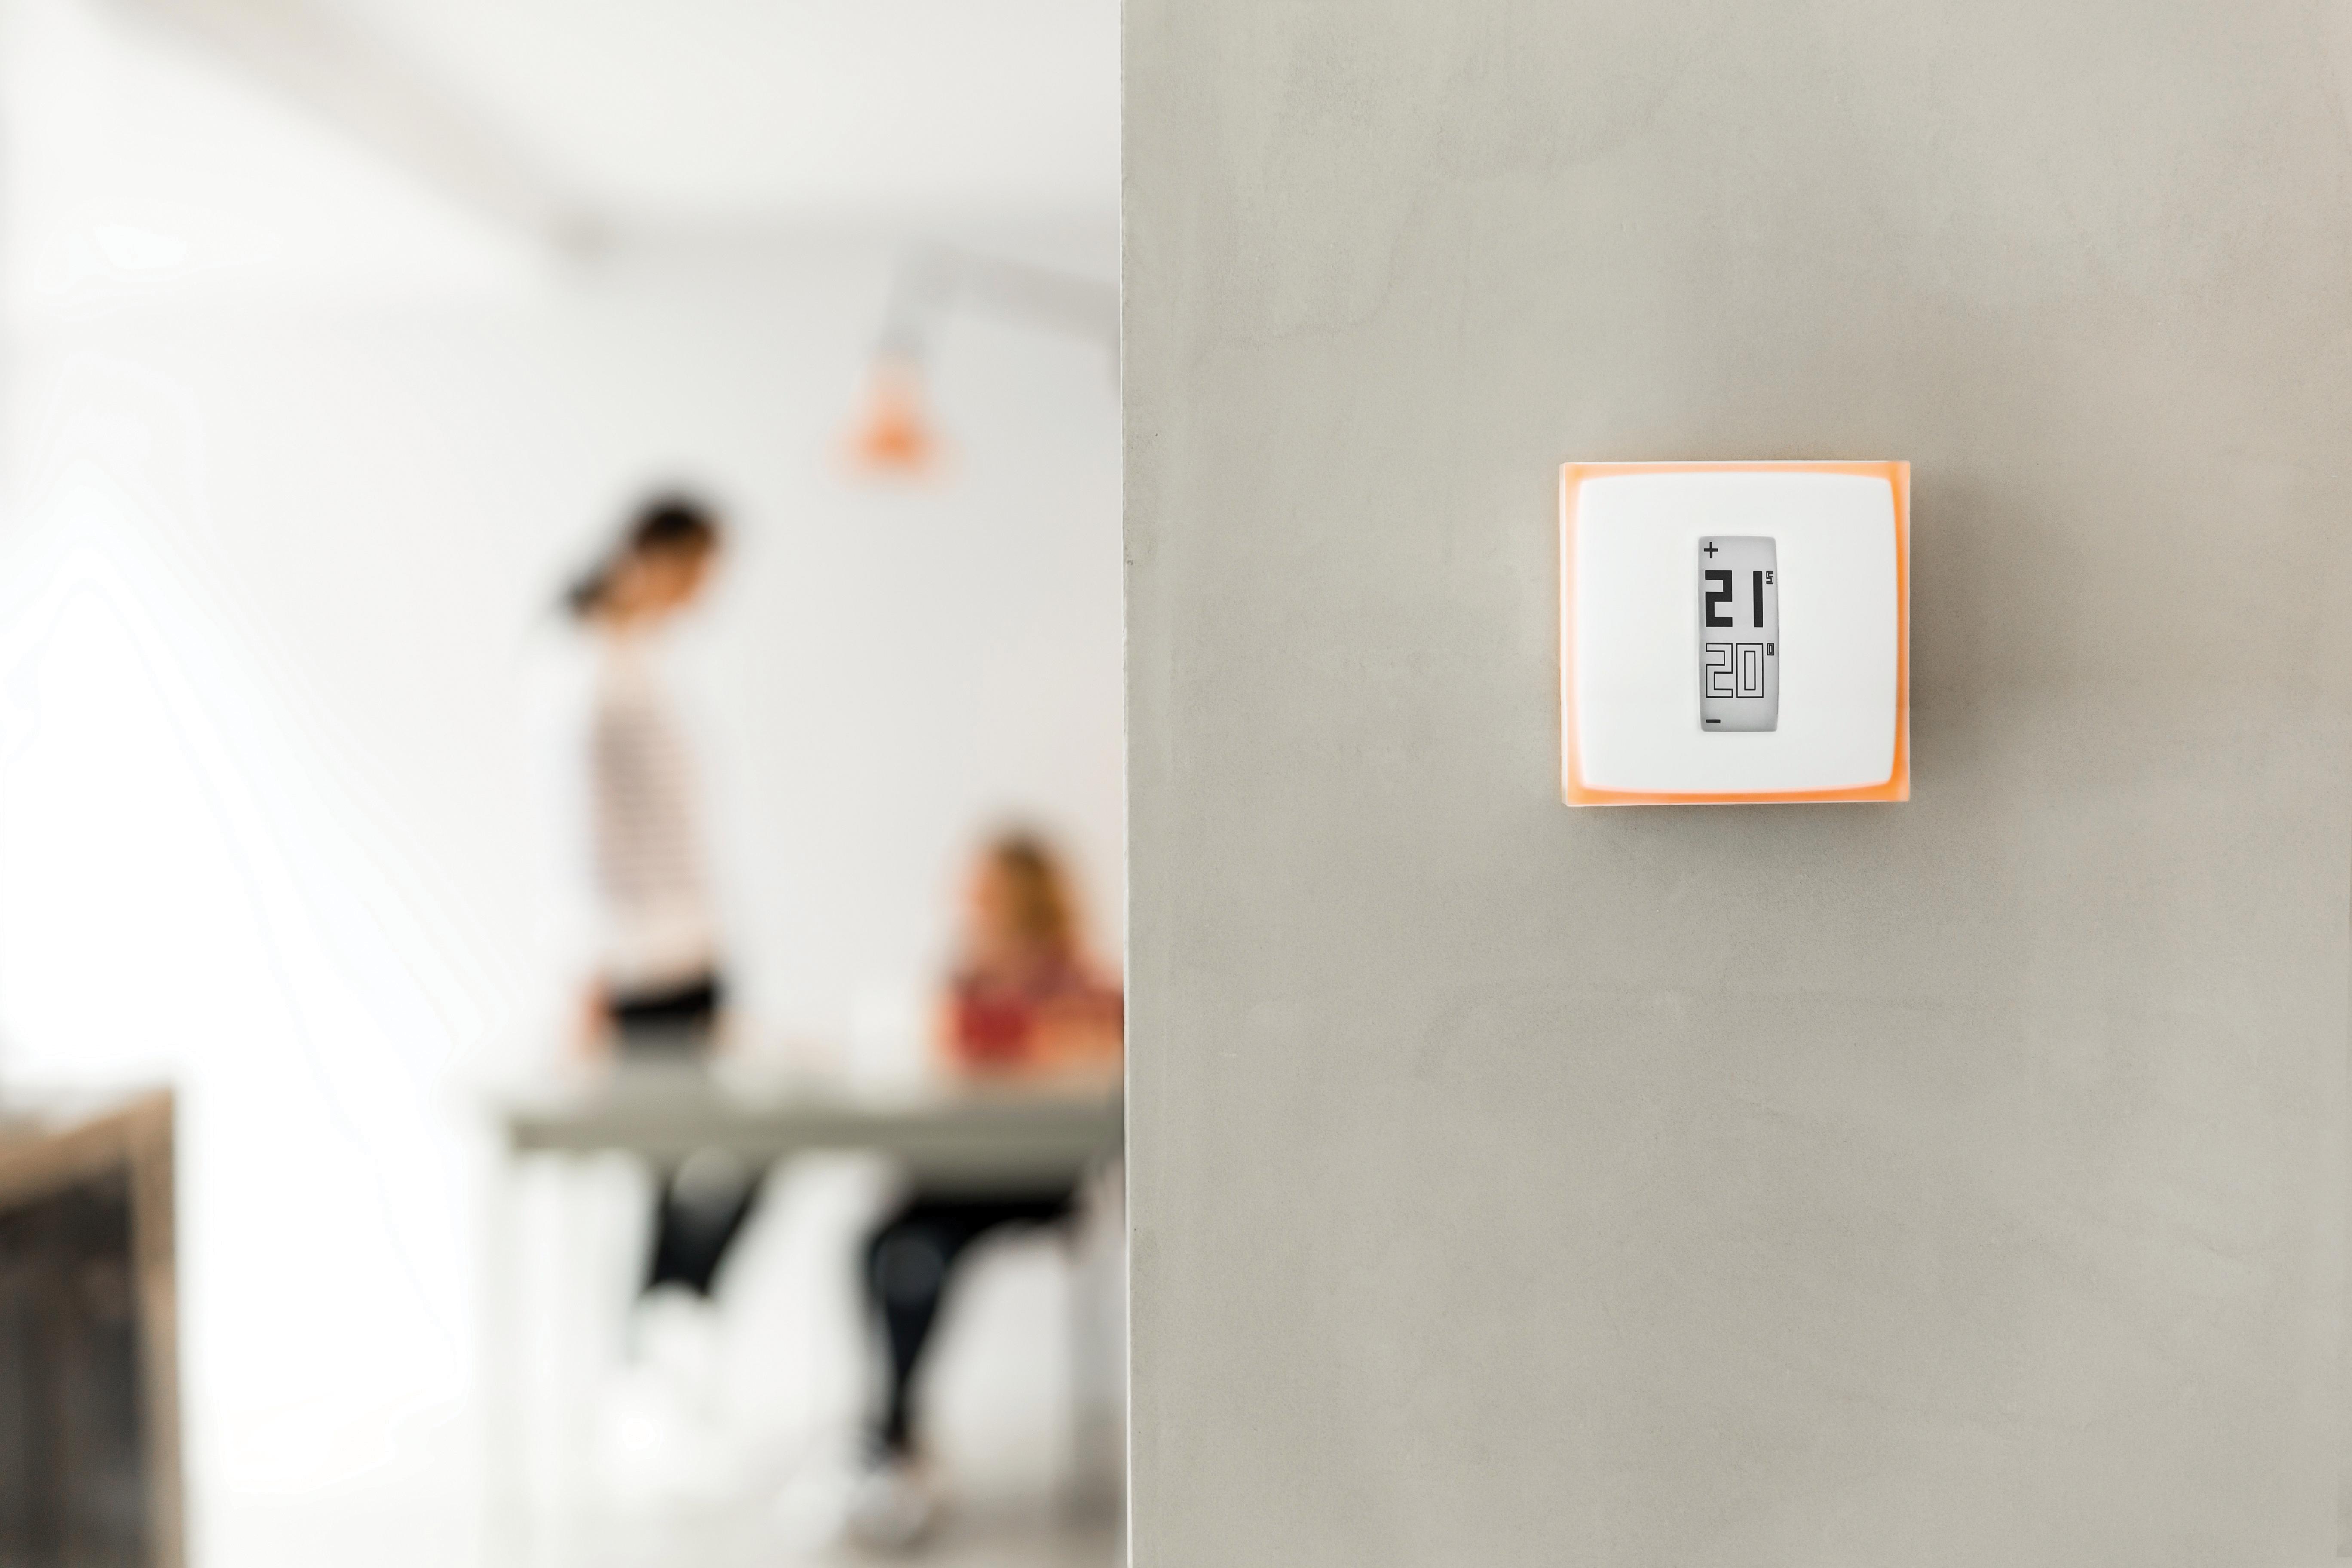 Das Heizkörper-Thermostat für Zentralheizungen kann überall in der Wohnung befestigt werden.